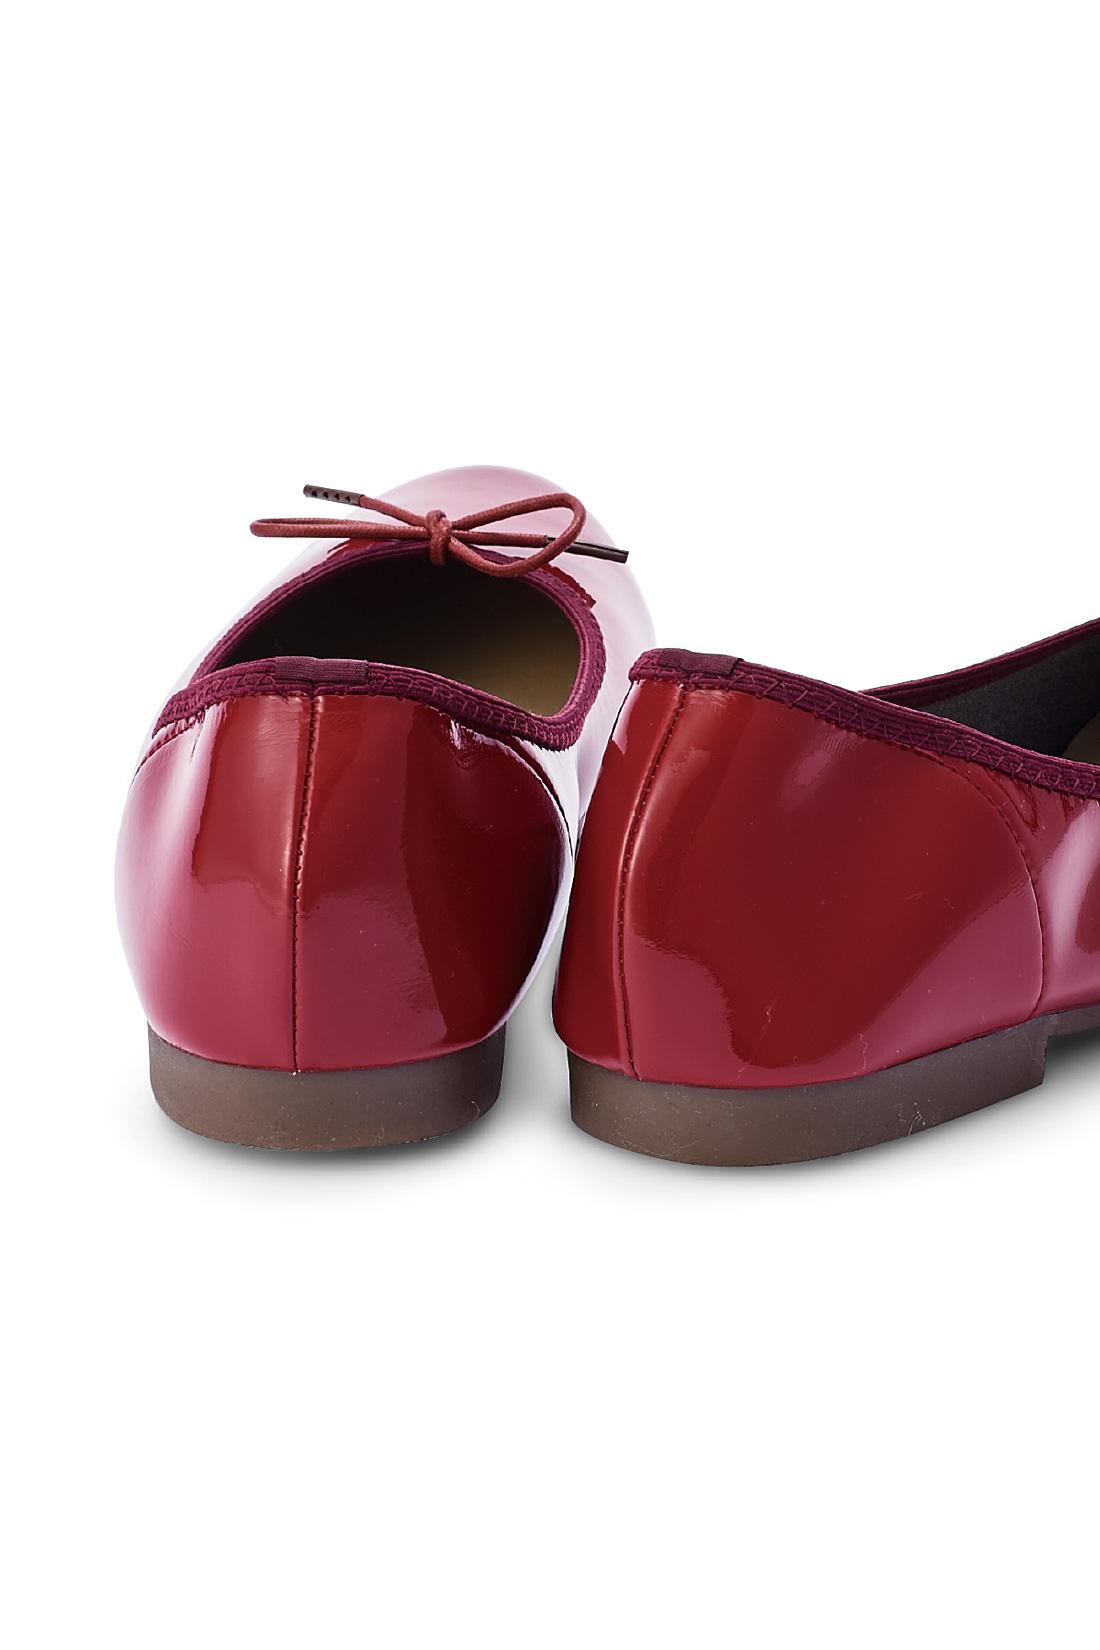 履き口はゴムでかぽっと履けます。 ※お届けするカラーとは異なります。